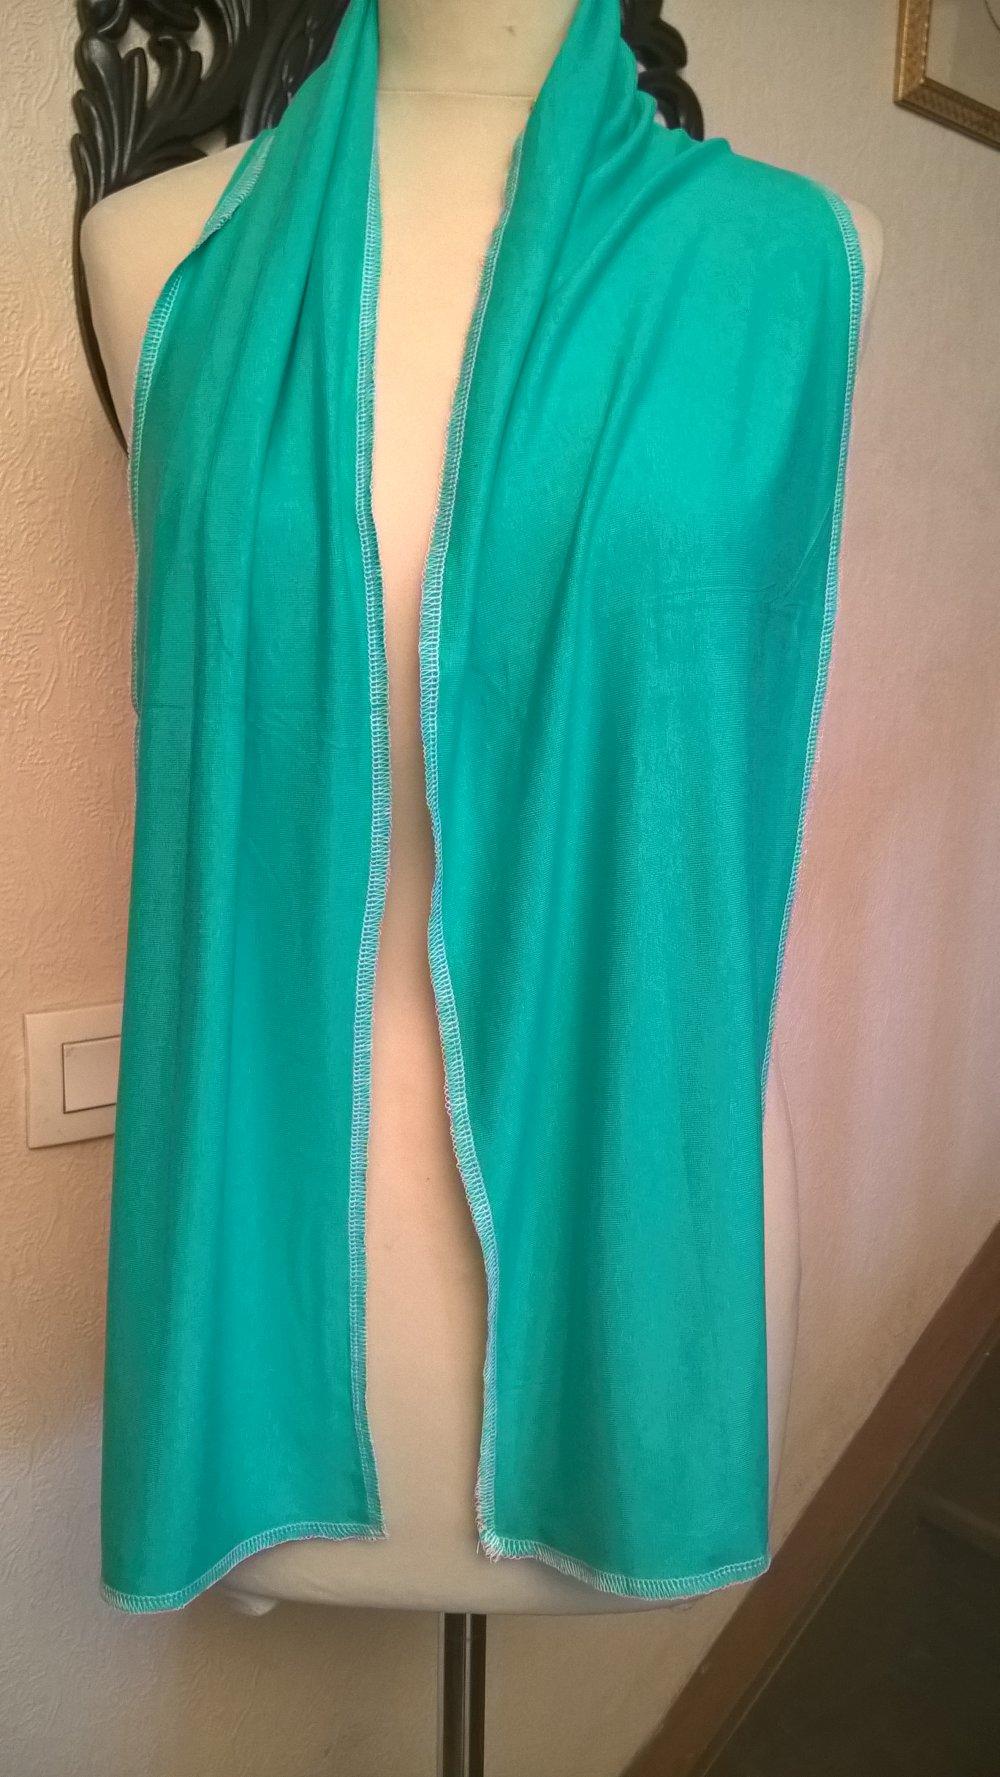 Écharpe fine,en tissu de viscose et élasthanne,de couleur verte,écharpe femme